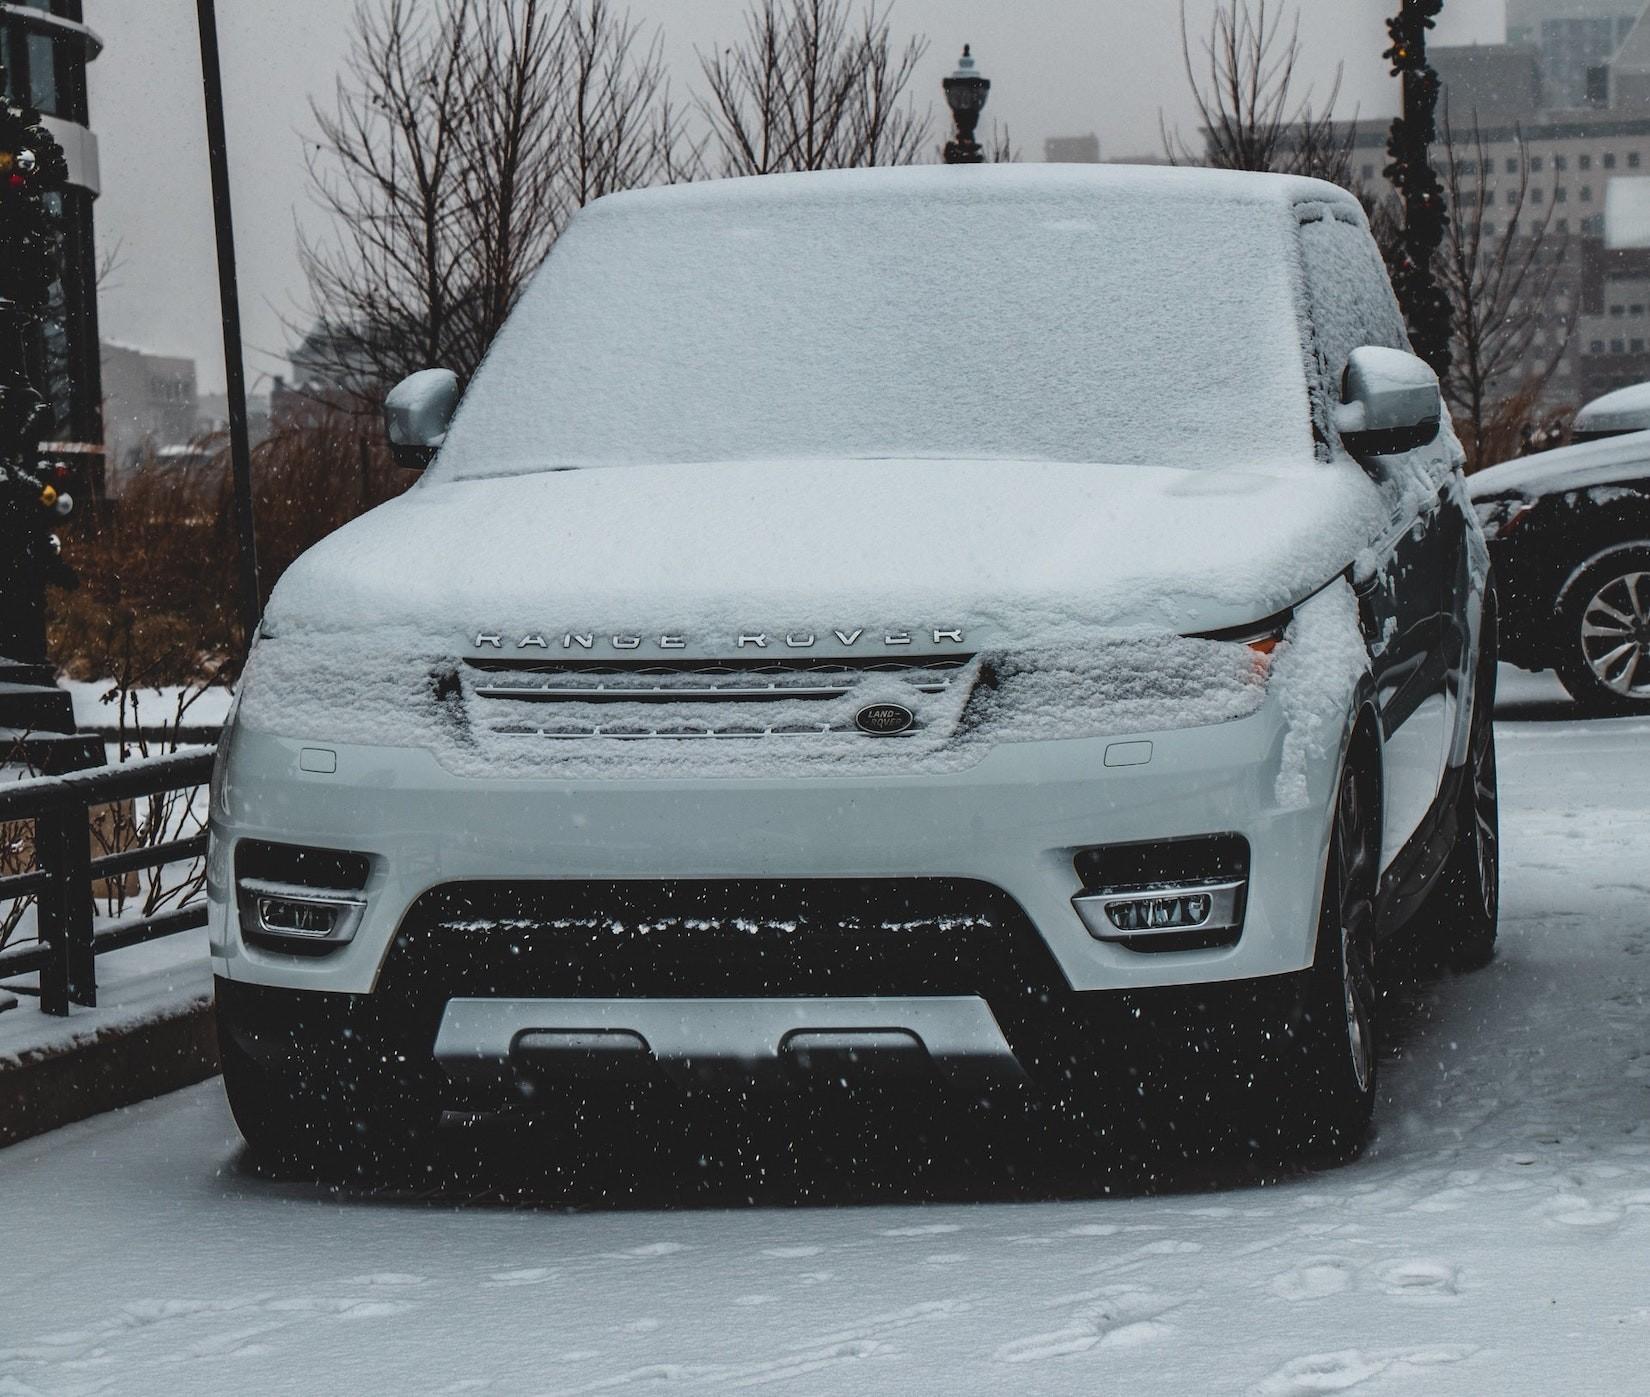 Eis und Schnee auf Autoscheibe: Wie viel Sicht muss sein?